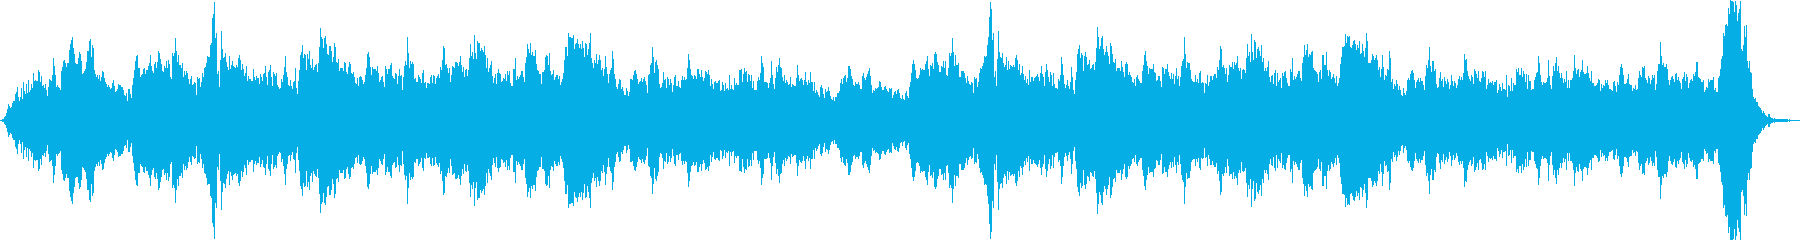 世界ニューエイジ研究所きらめく神秘...の再生済みの波形